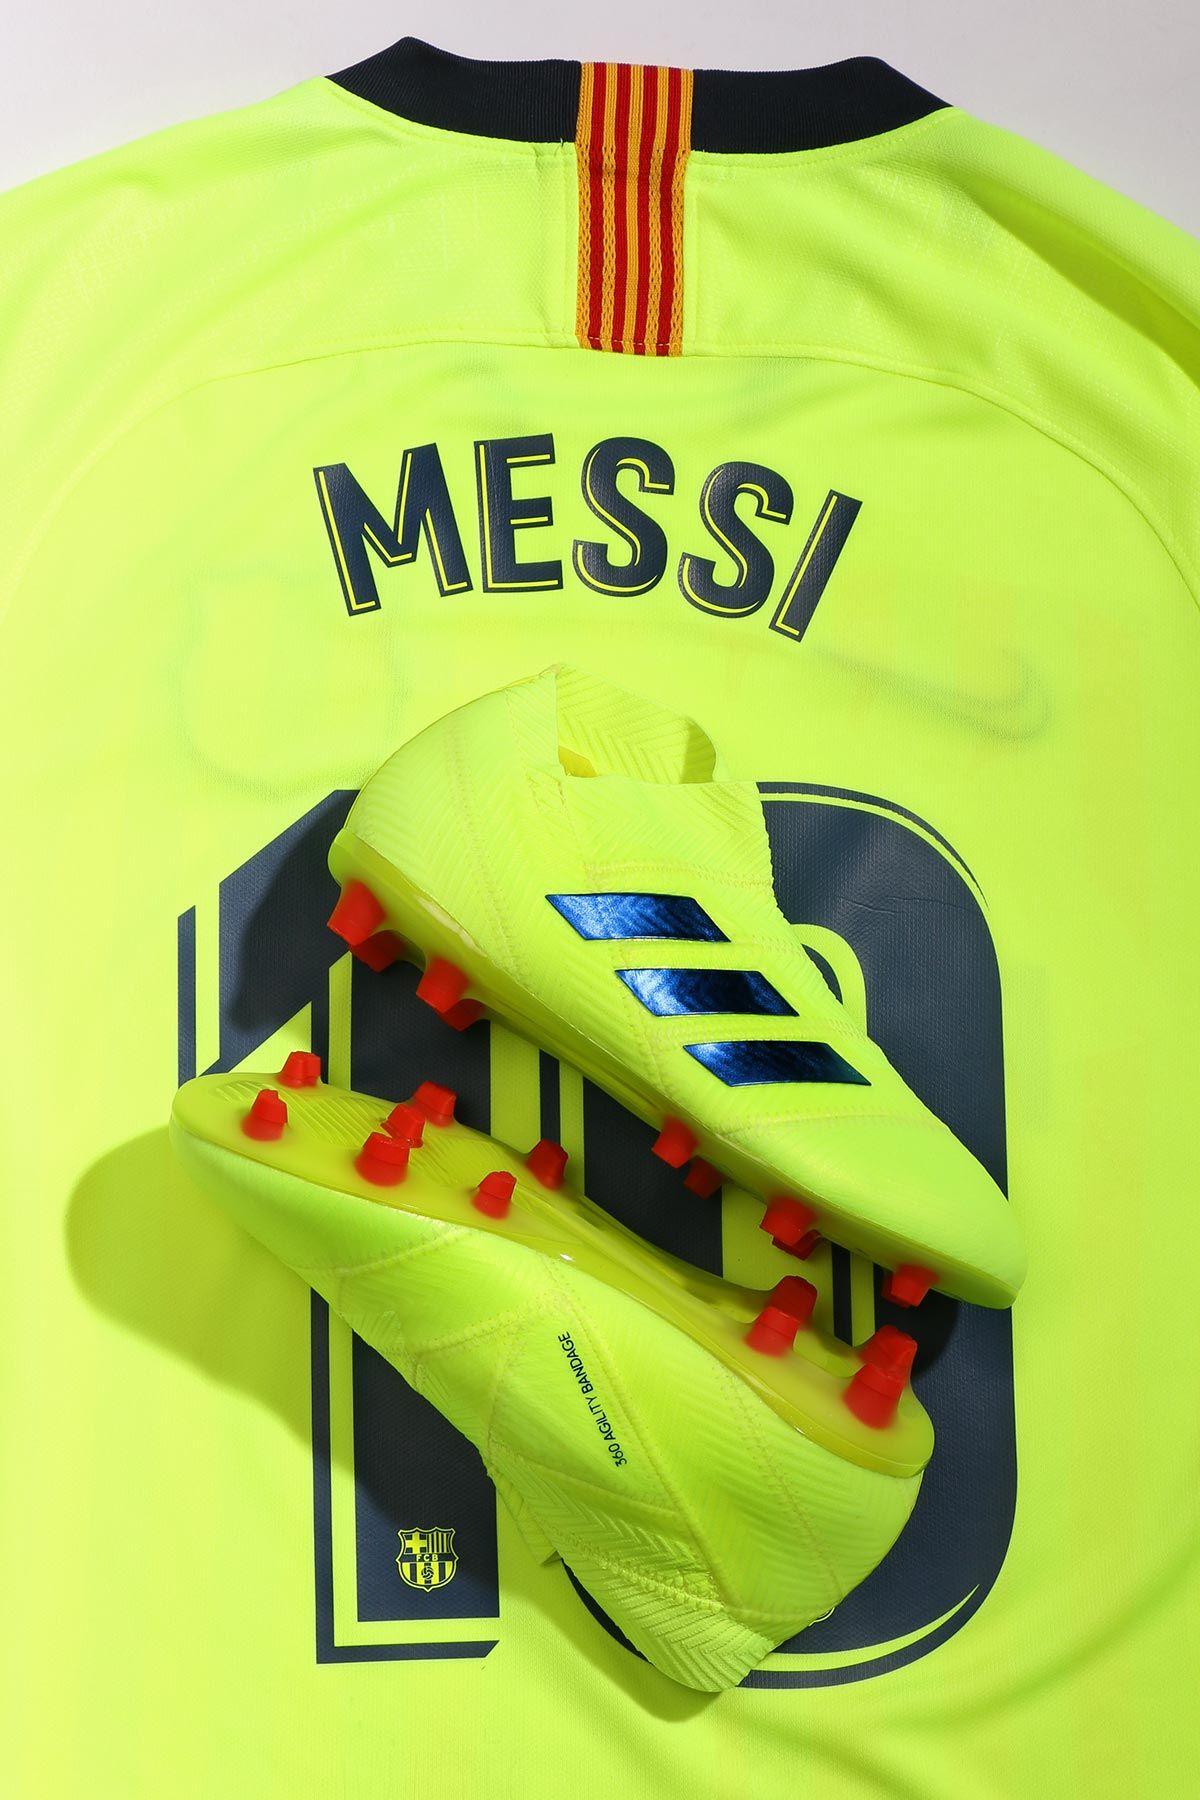 733da922c7 Linka la camiseta de la segunda equipación del FC Barcelona con las nuevas  adidas Nemeziz de la colección Exhibit. Brilla como Messi 🔋.